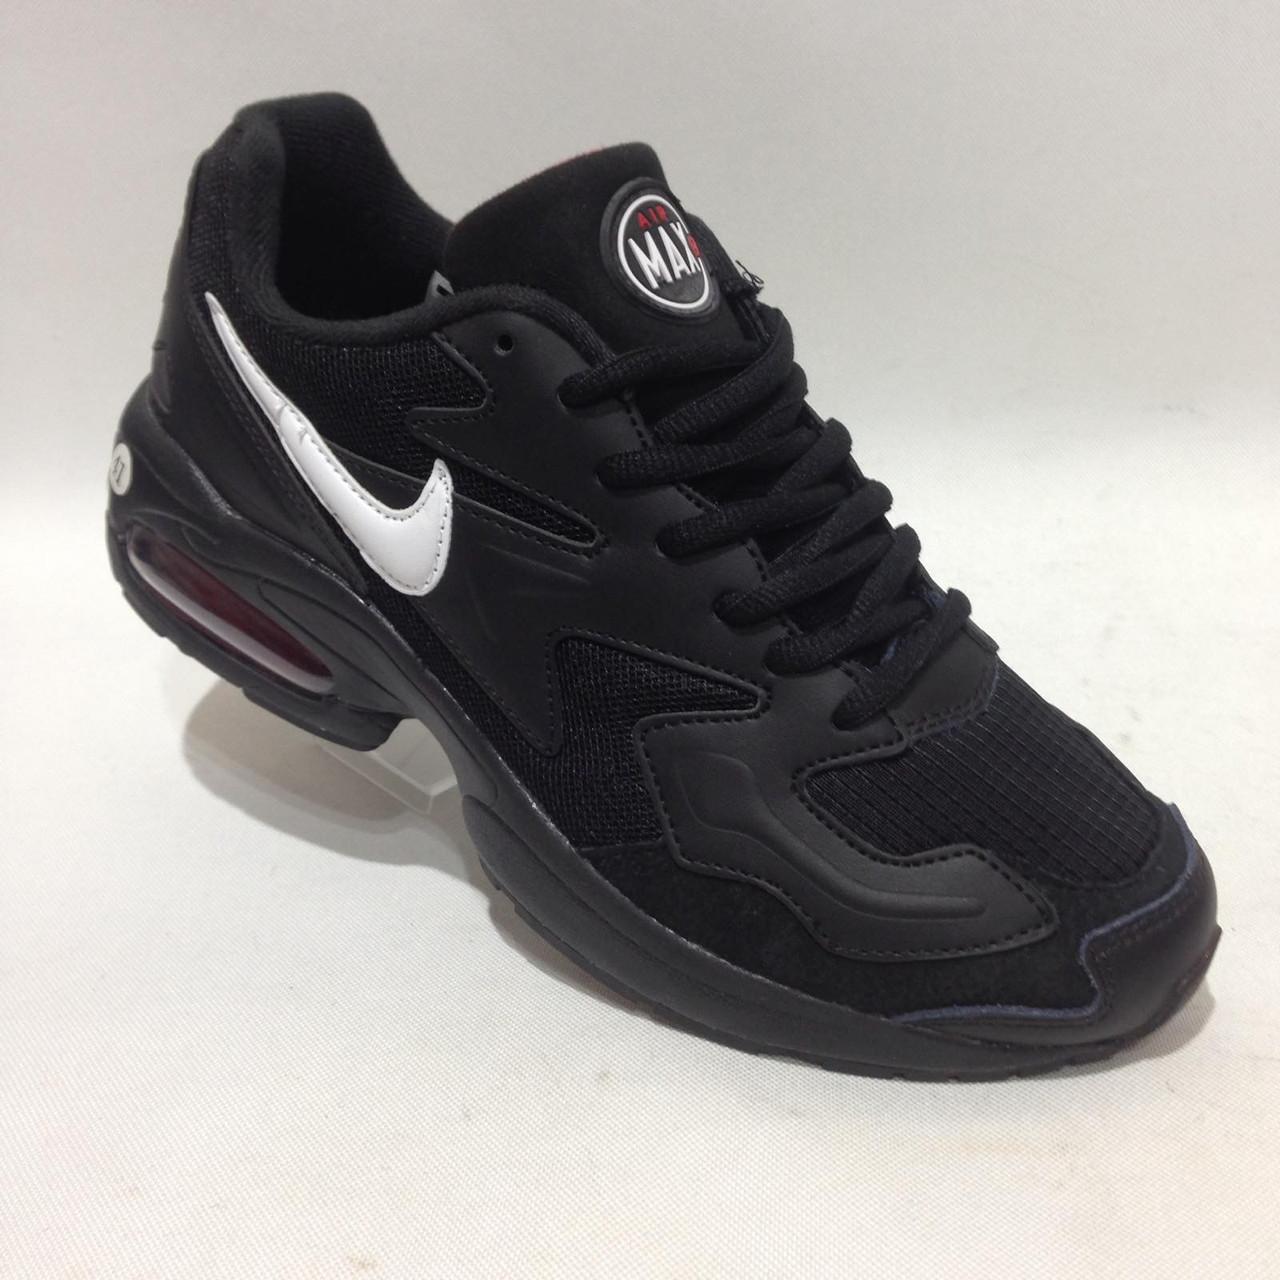 44 р. Мужские кроссовки весенние в стиле Nike Air Max Последняя пара